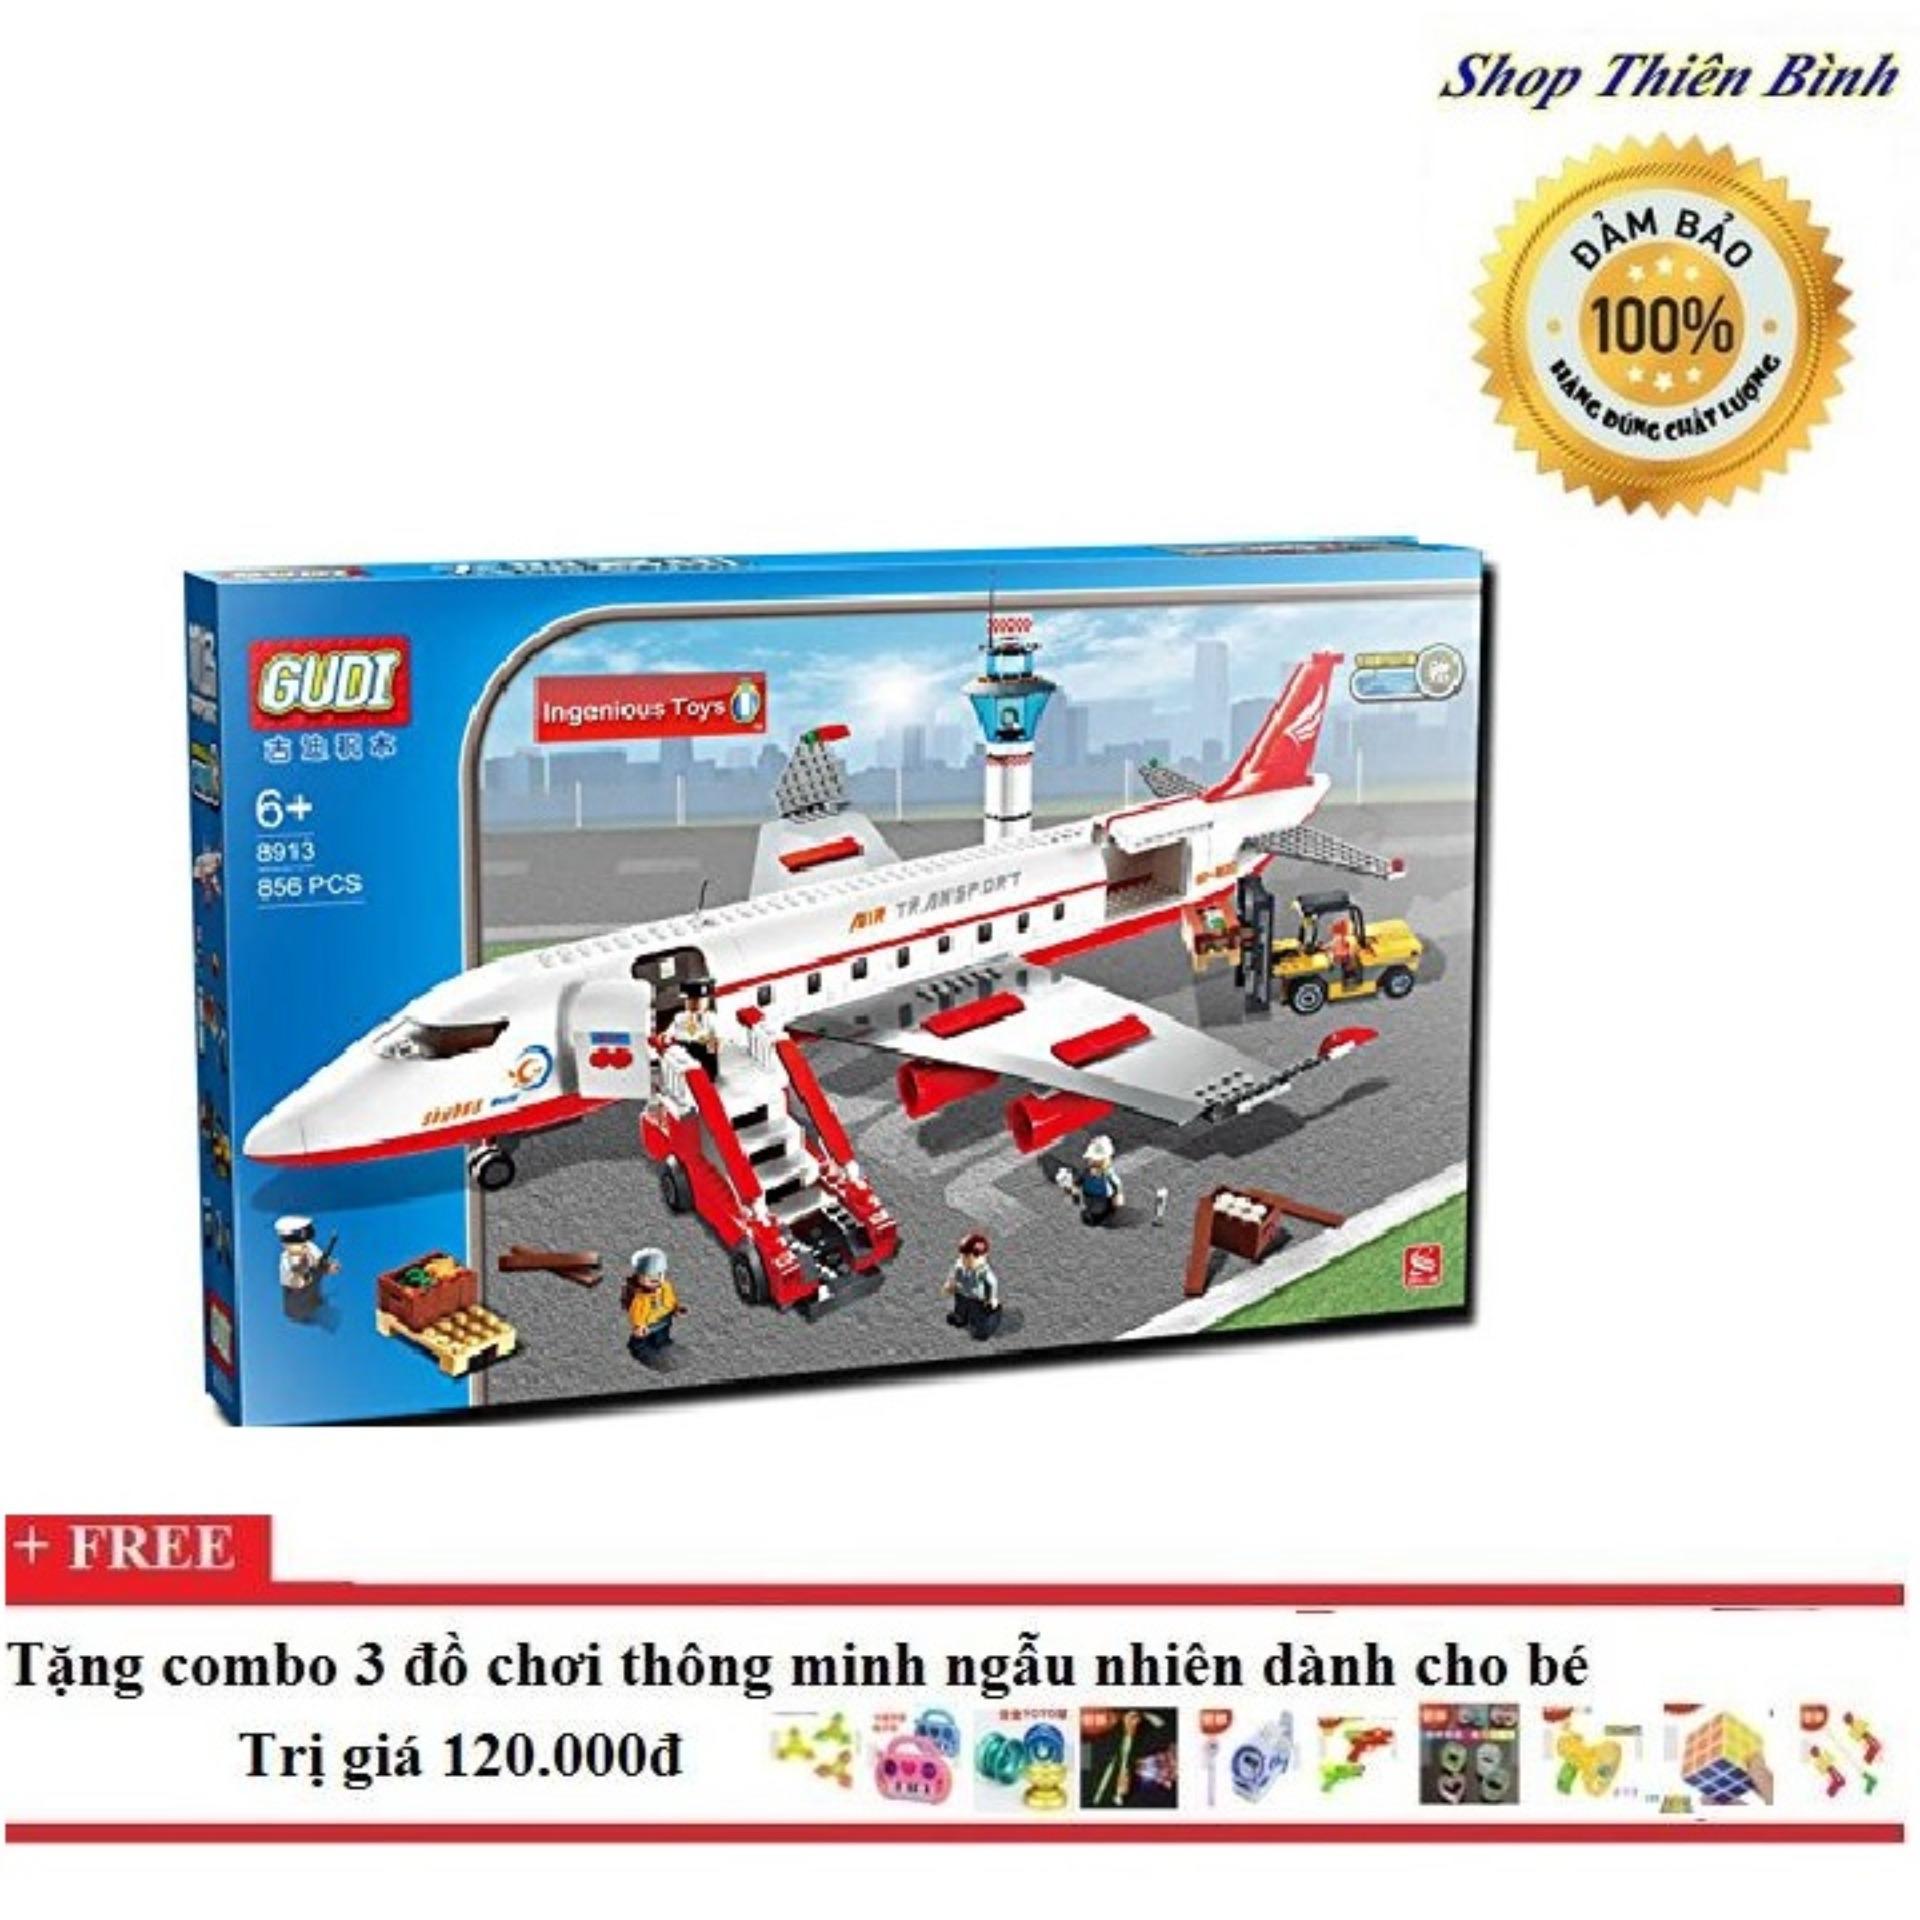 Bộ Ghép Hình Lego Máy Bay Chở Khách Cỡ Lớn Gudi 8913